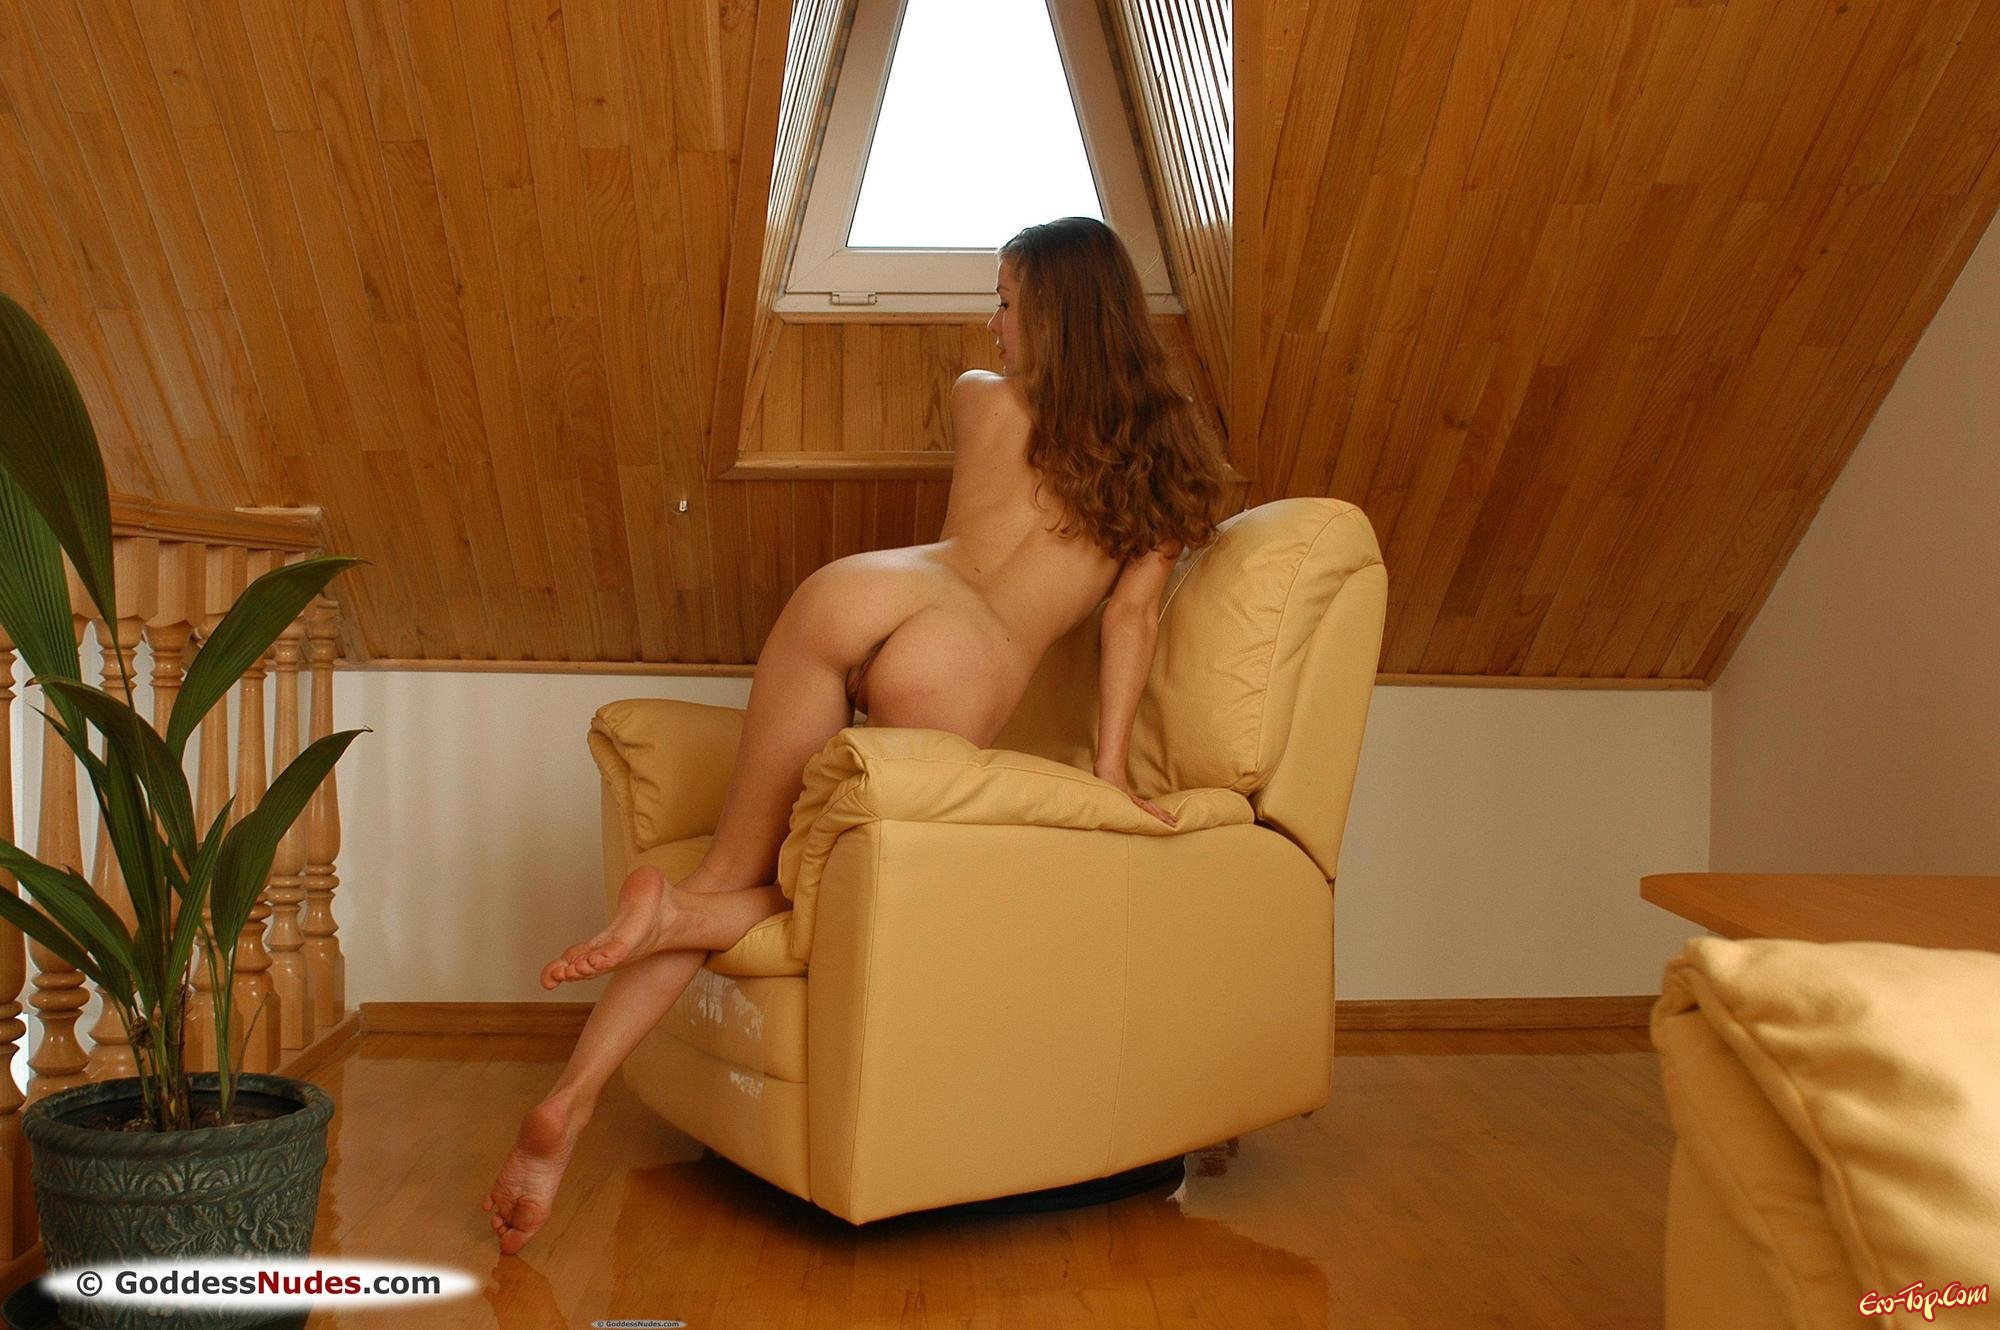 Проститутка с изящной задницей